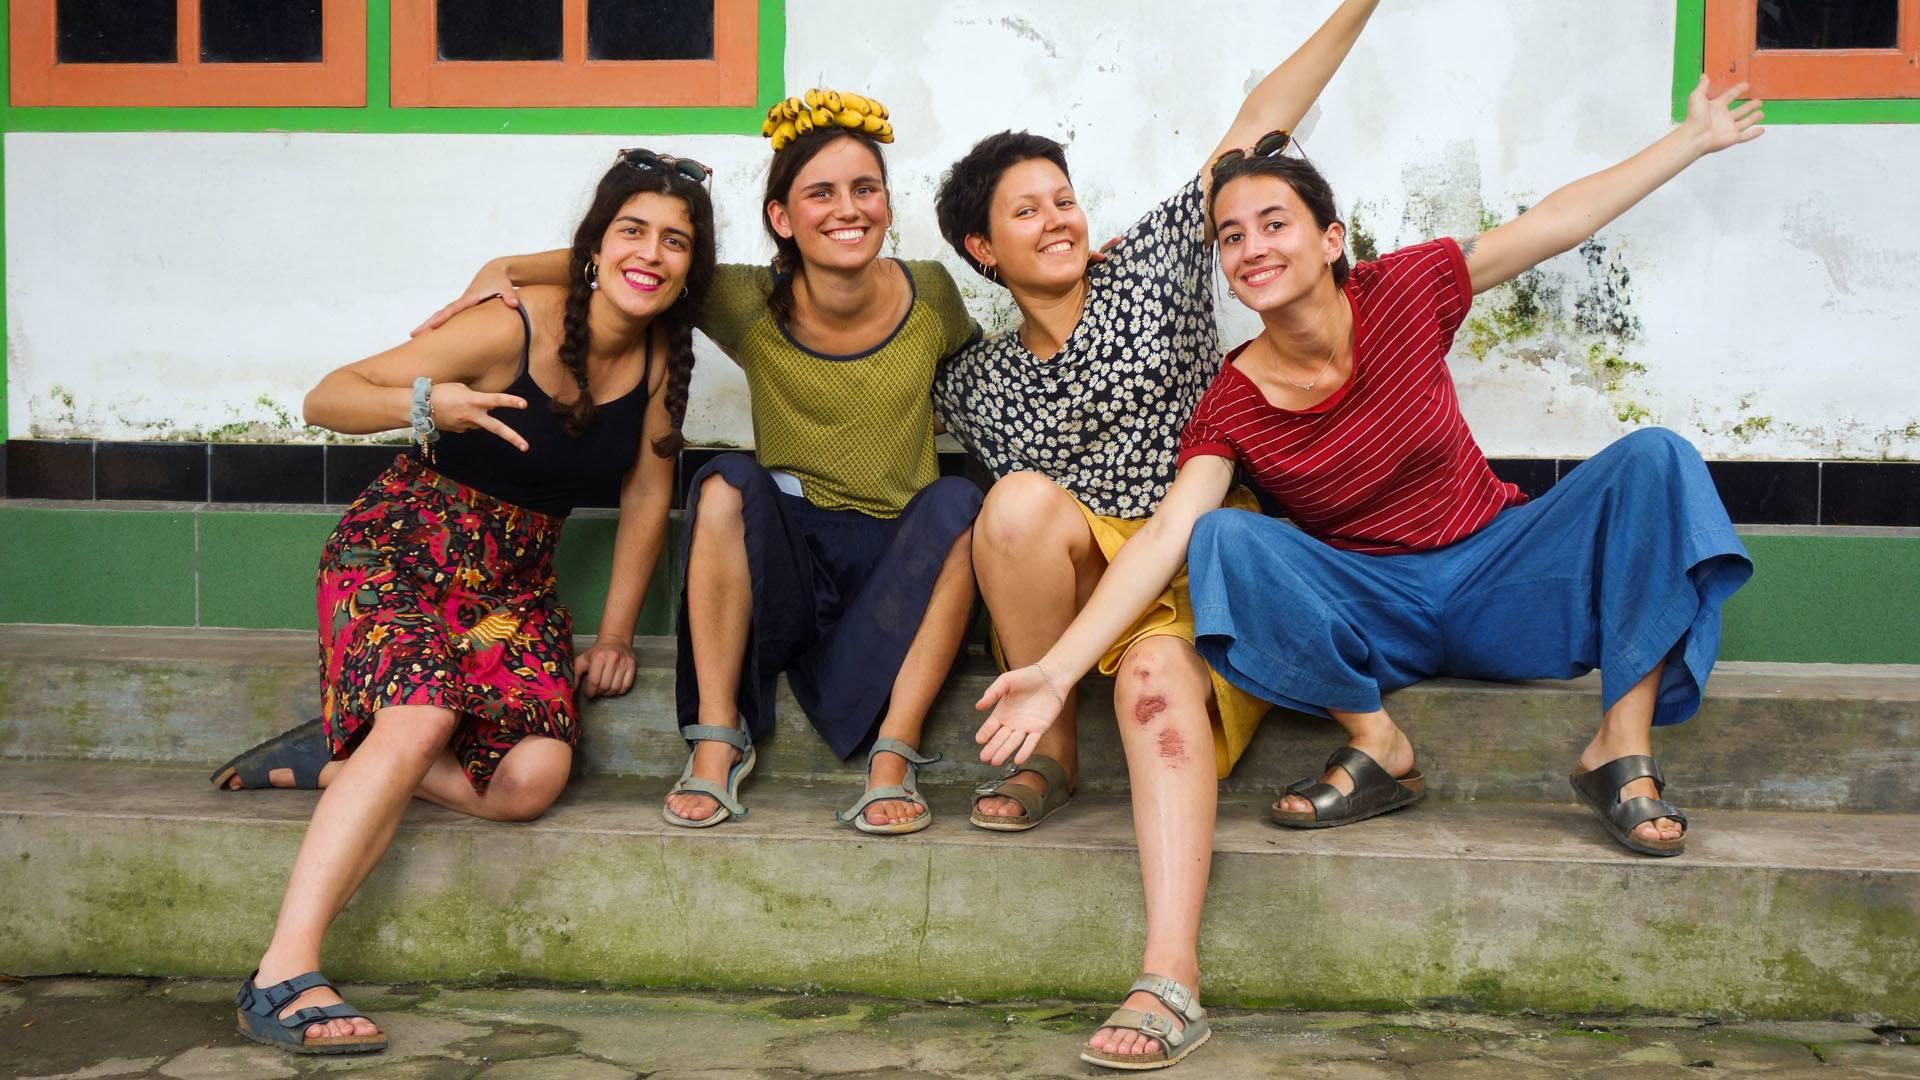 Un « Bouillons » de créativité : un collectif 100% féminin